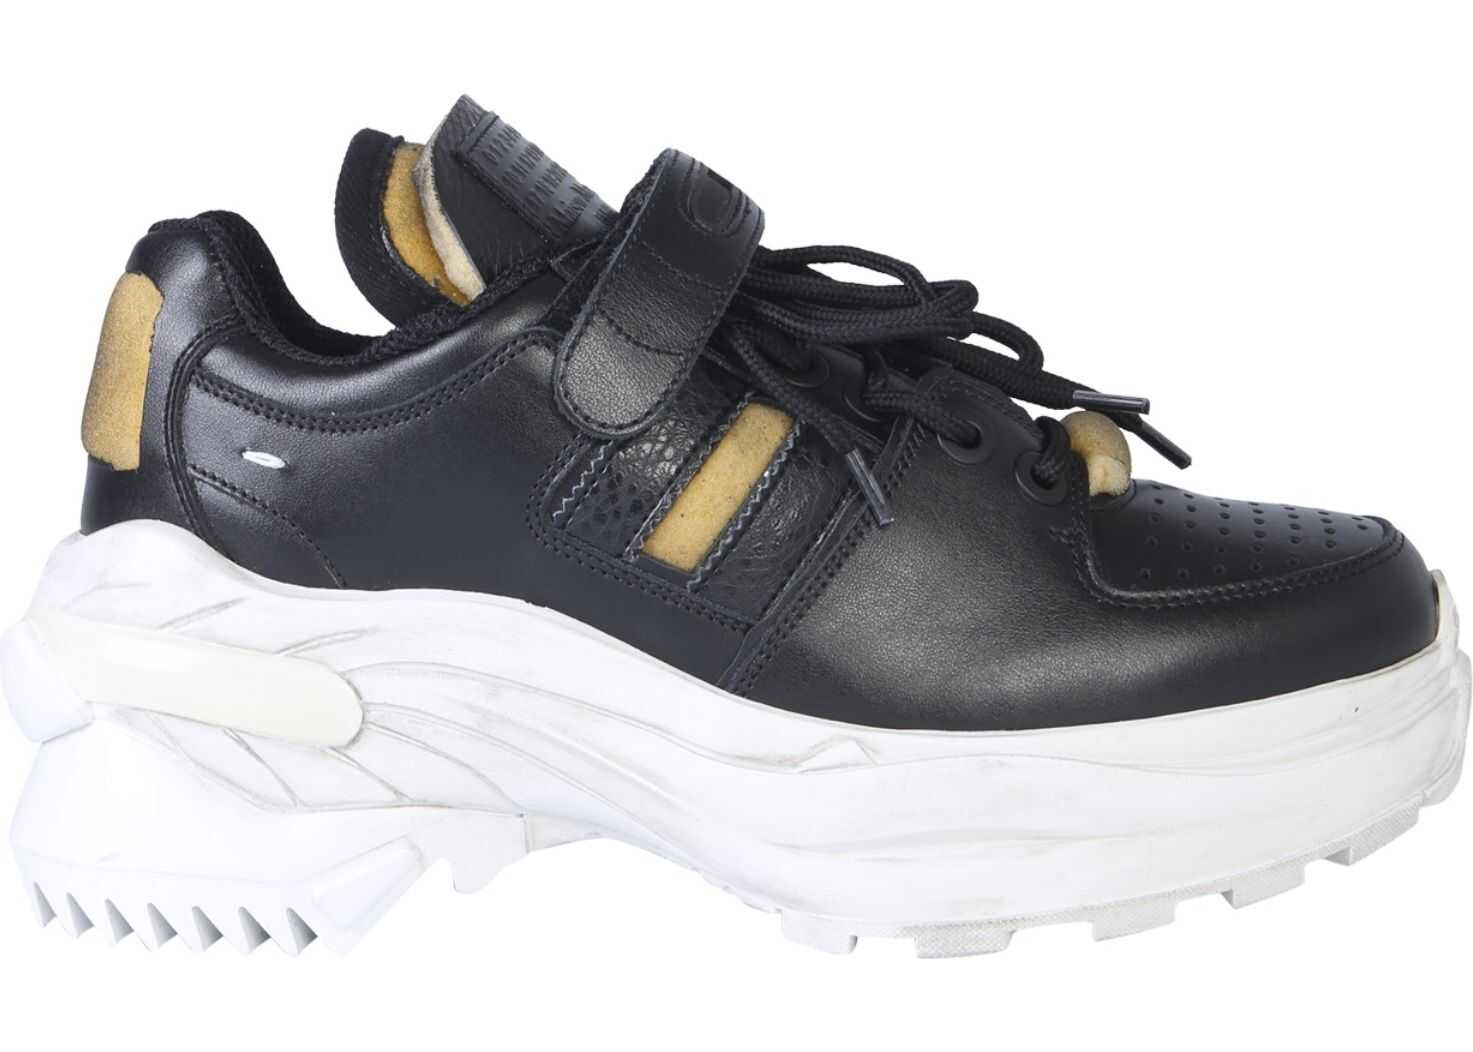 Maison Margiela Low-Top Retro Fit Sneakers BLACK